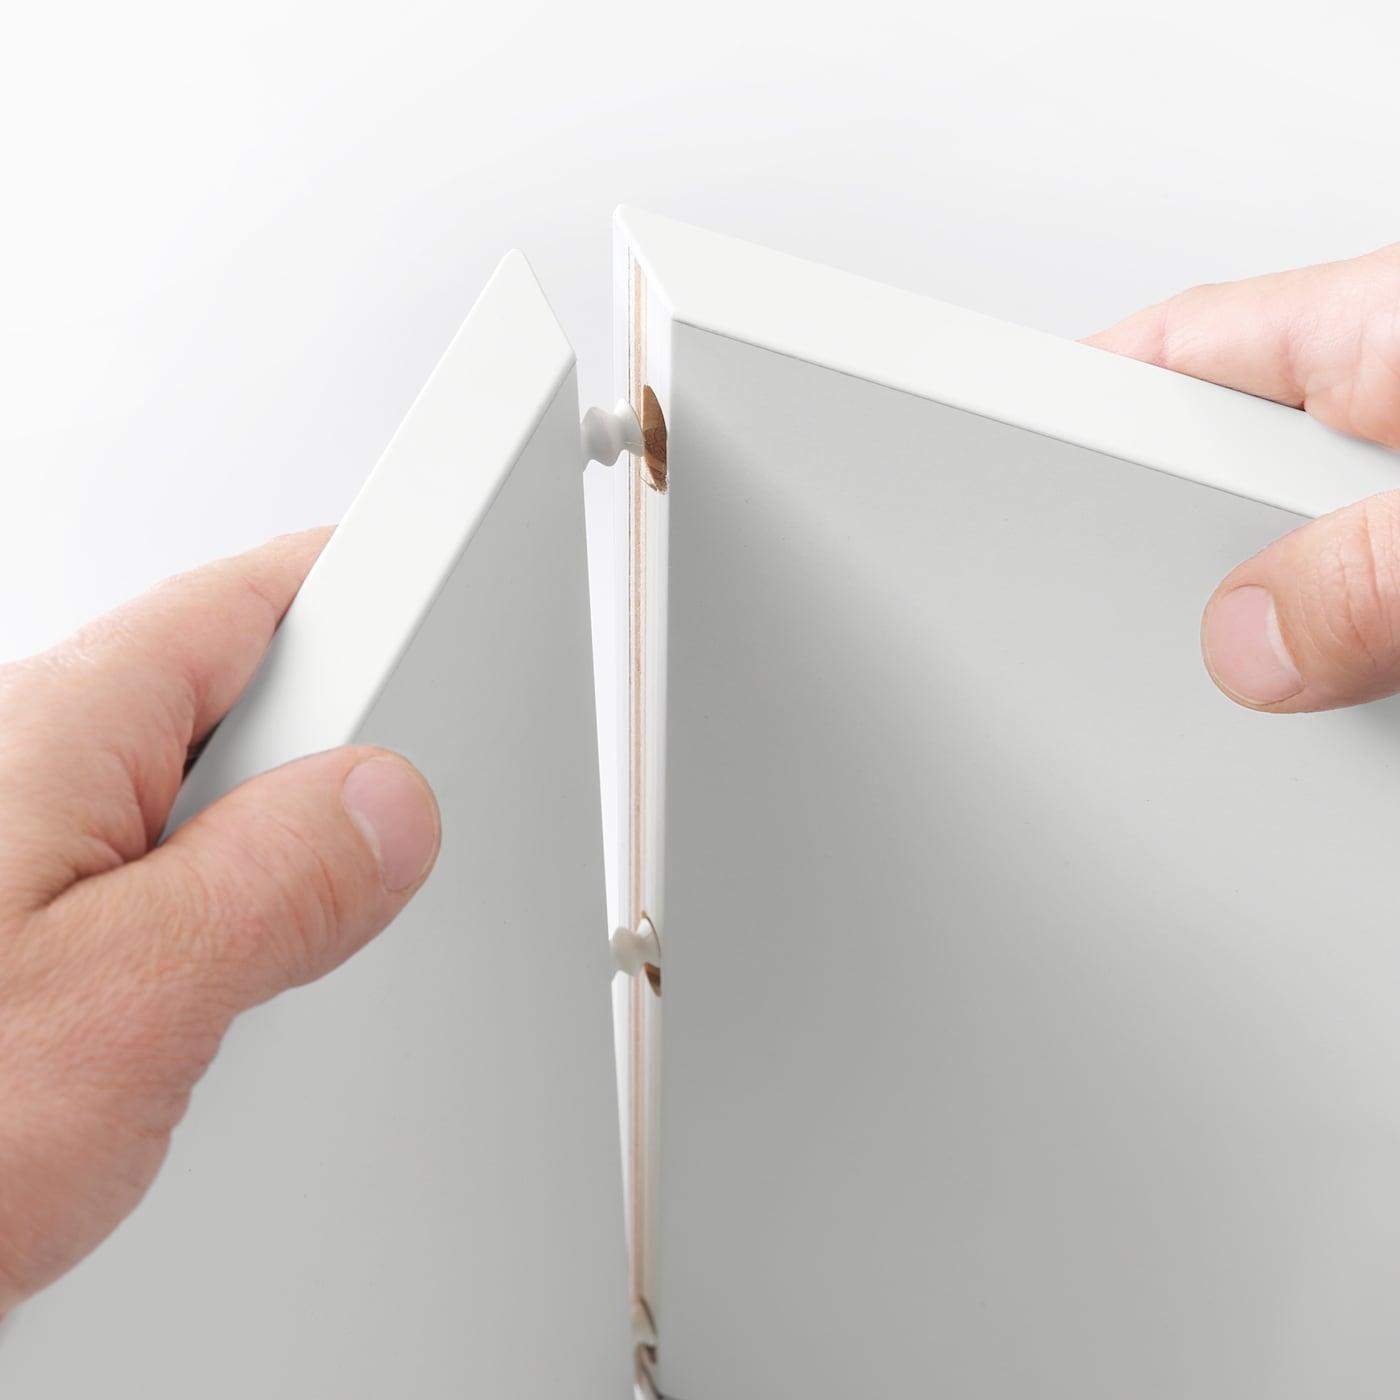 EKET Hylly+4 lokeroa - valkoinen 70x35x70 cm